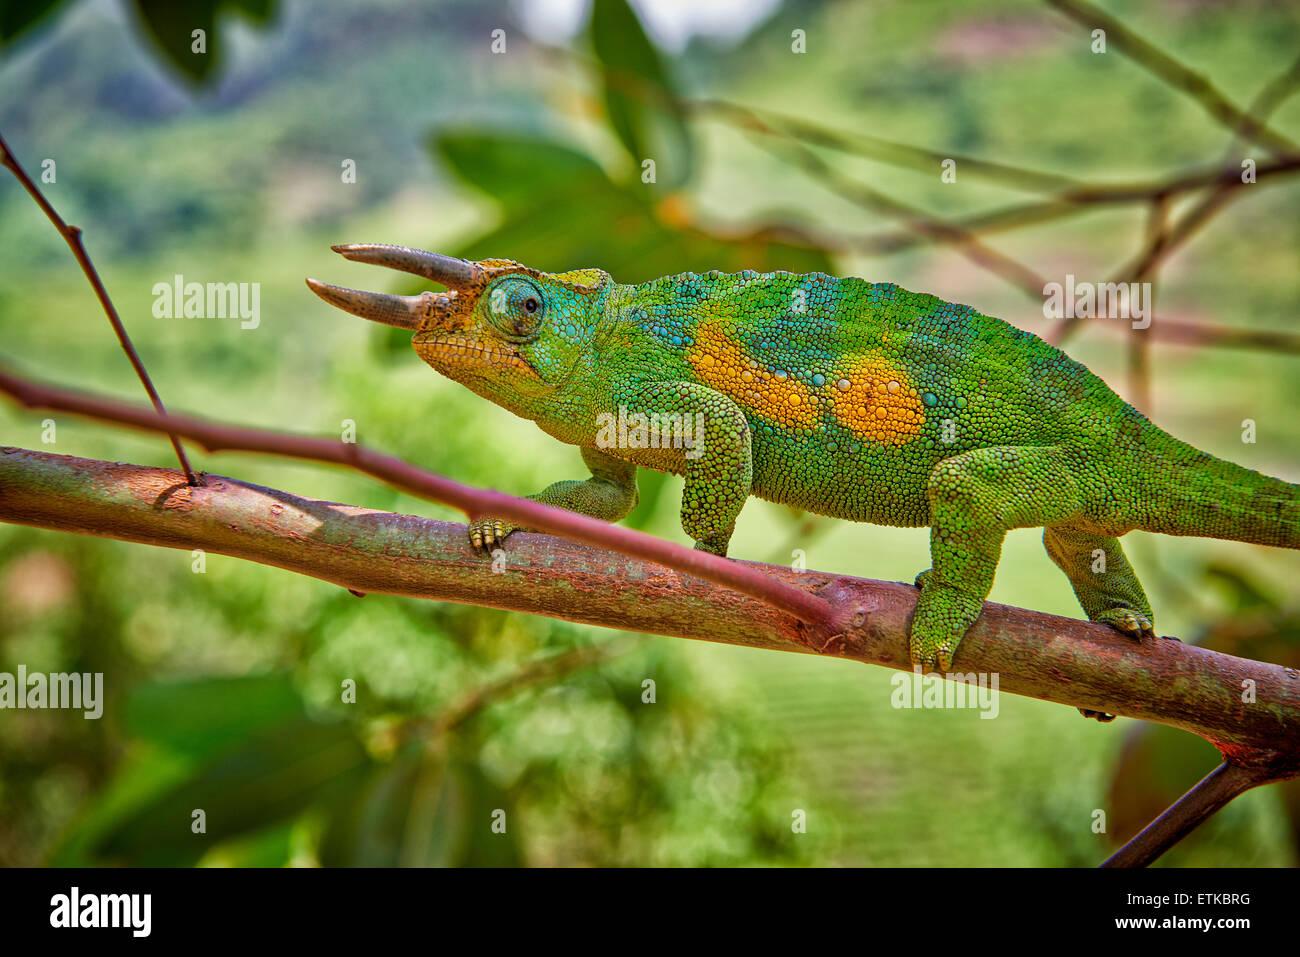 Jackson's three-horned chameleon, Trioceros jacksonii, Bwindi Impenetrable National Park, Uganda, Africa - Stock Image